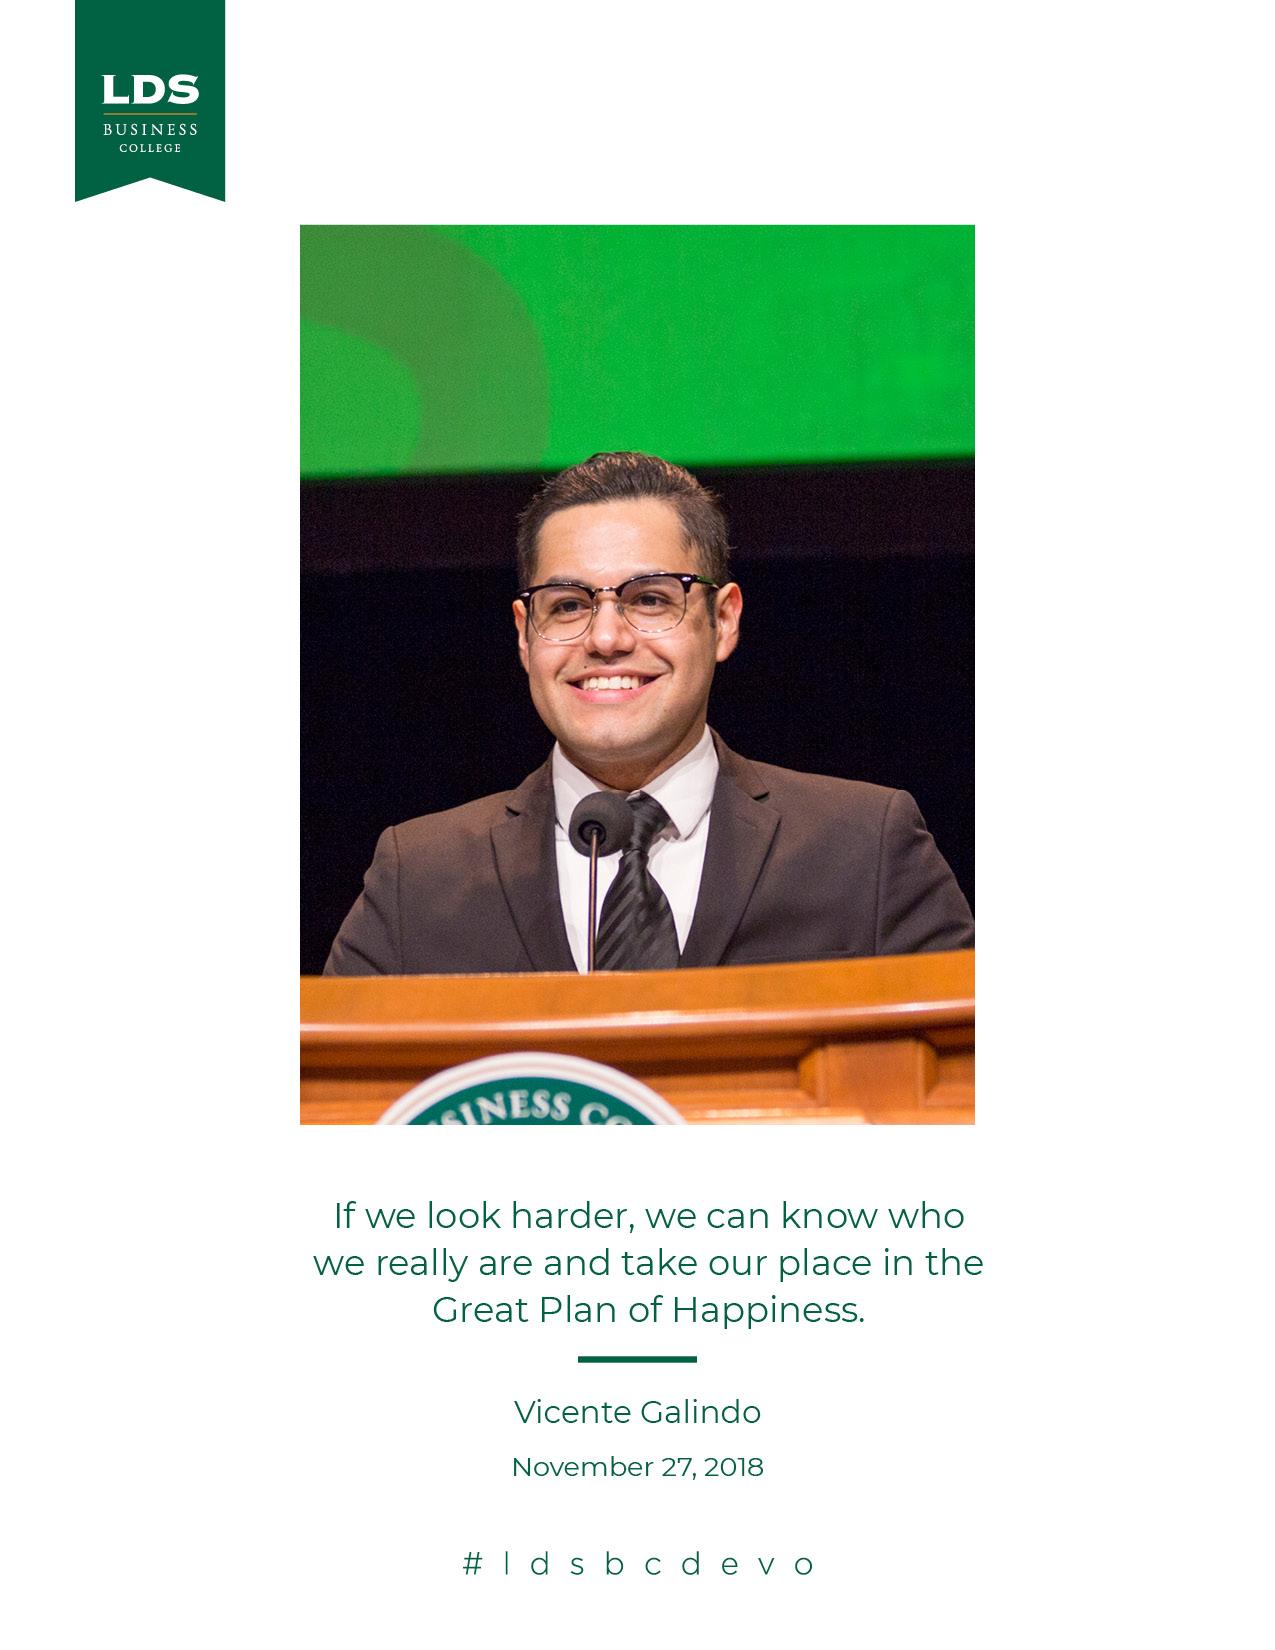 Vicente Galindo quote